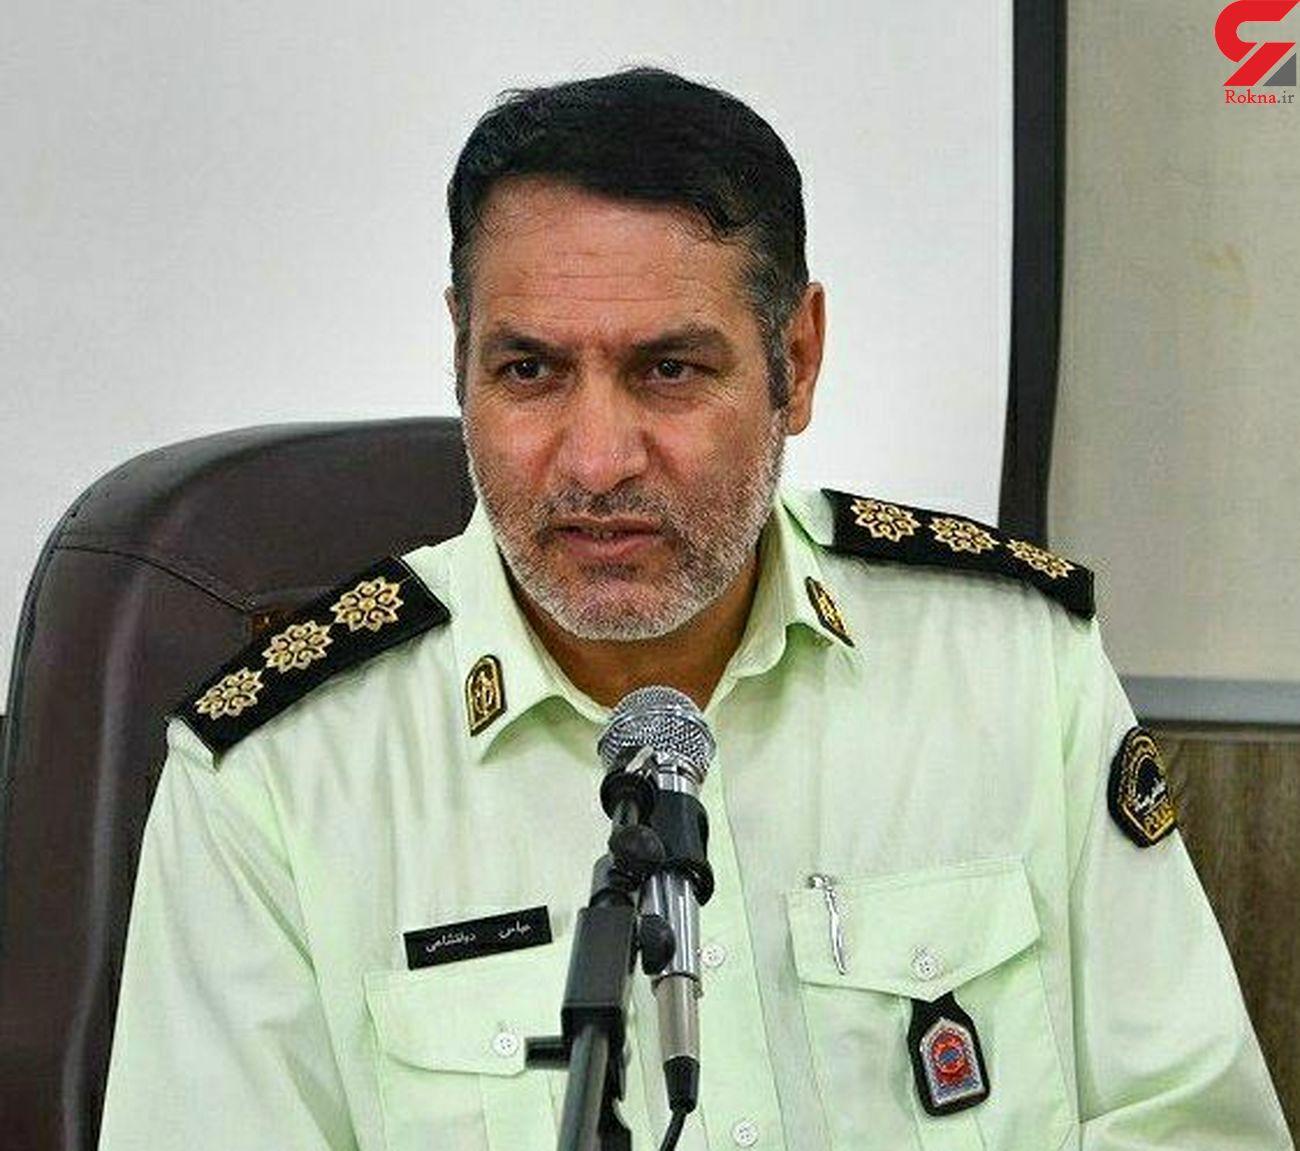 پلیس تلاش خود را در راستای برقراری نظم و امنیت شهروندان به کار میگیرد